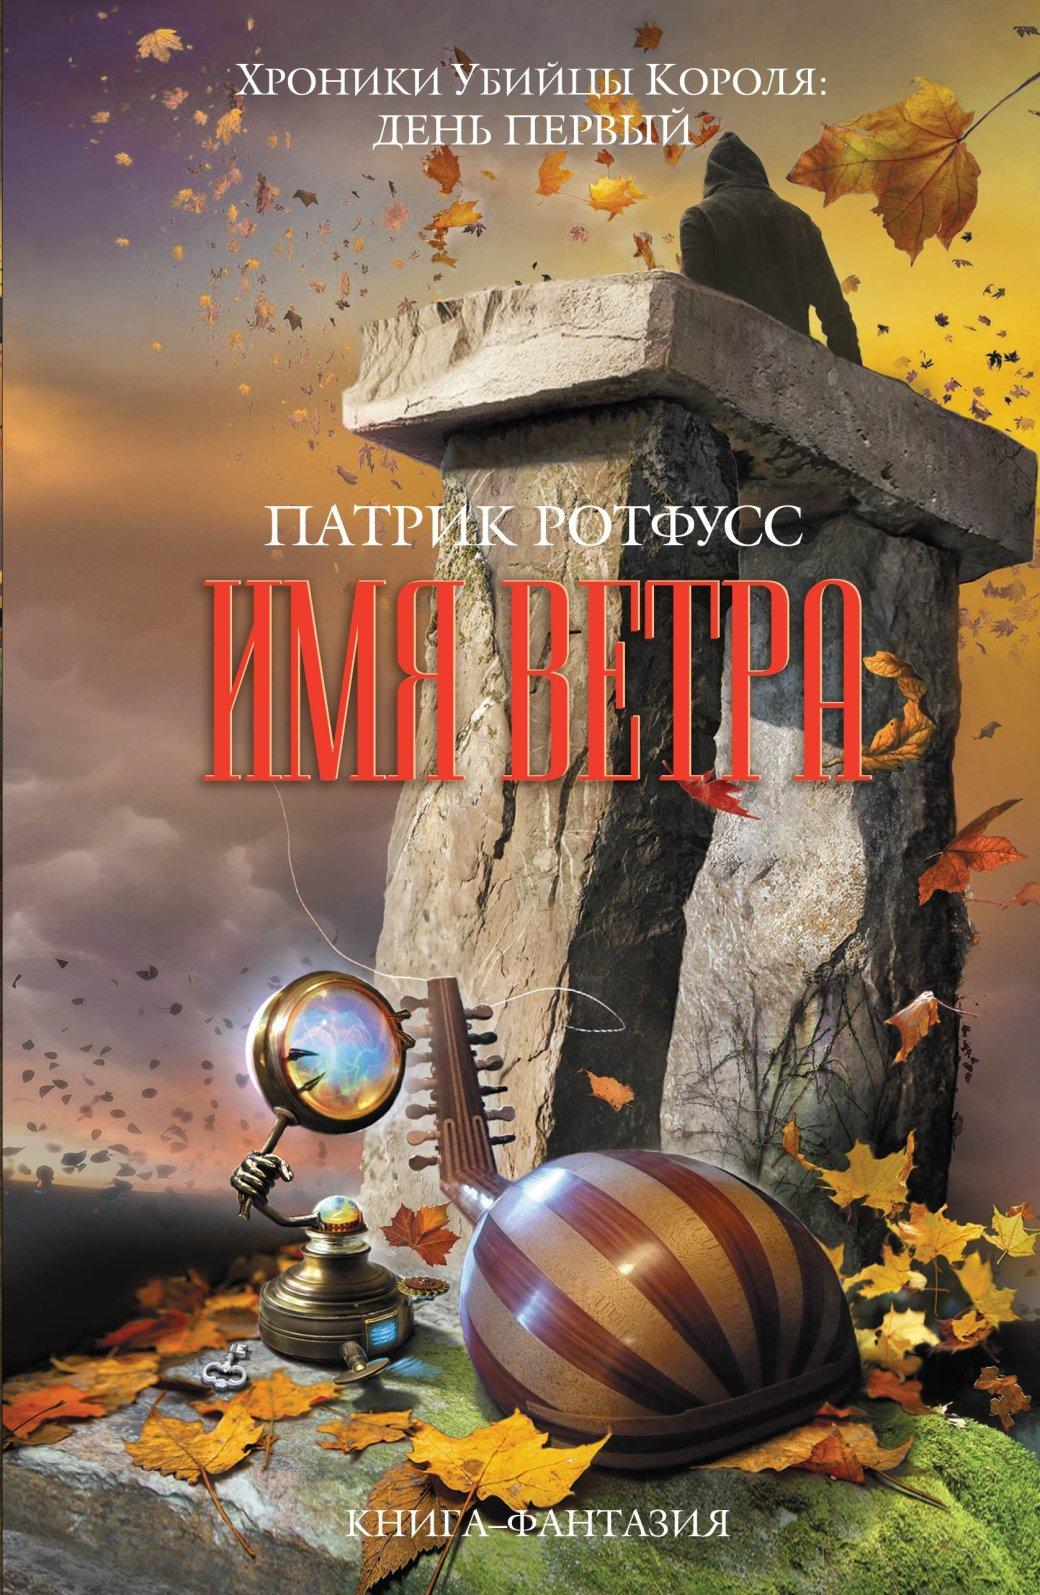 25 главных книг 2010-2019 | Канобу - Изображение 7287